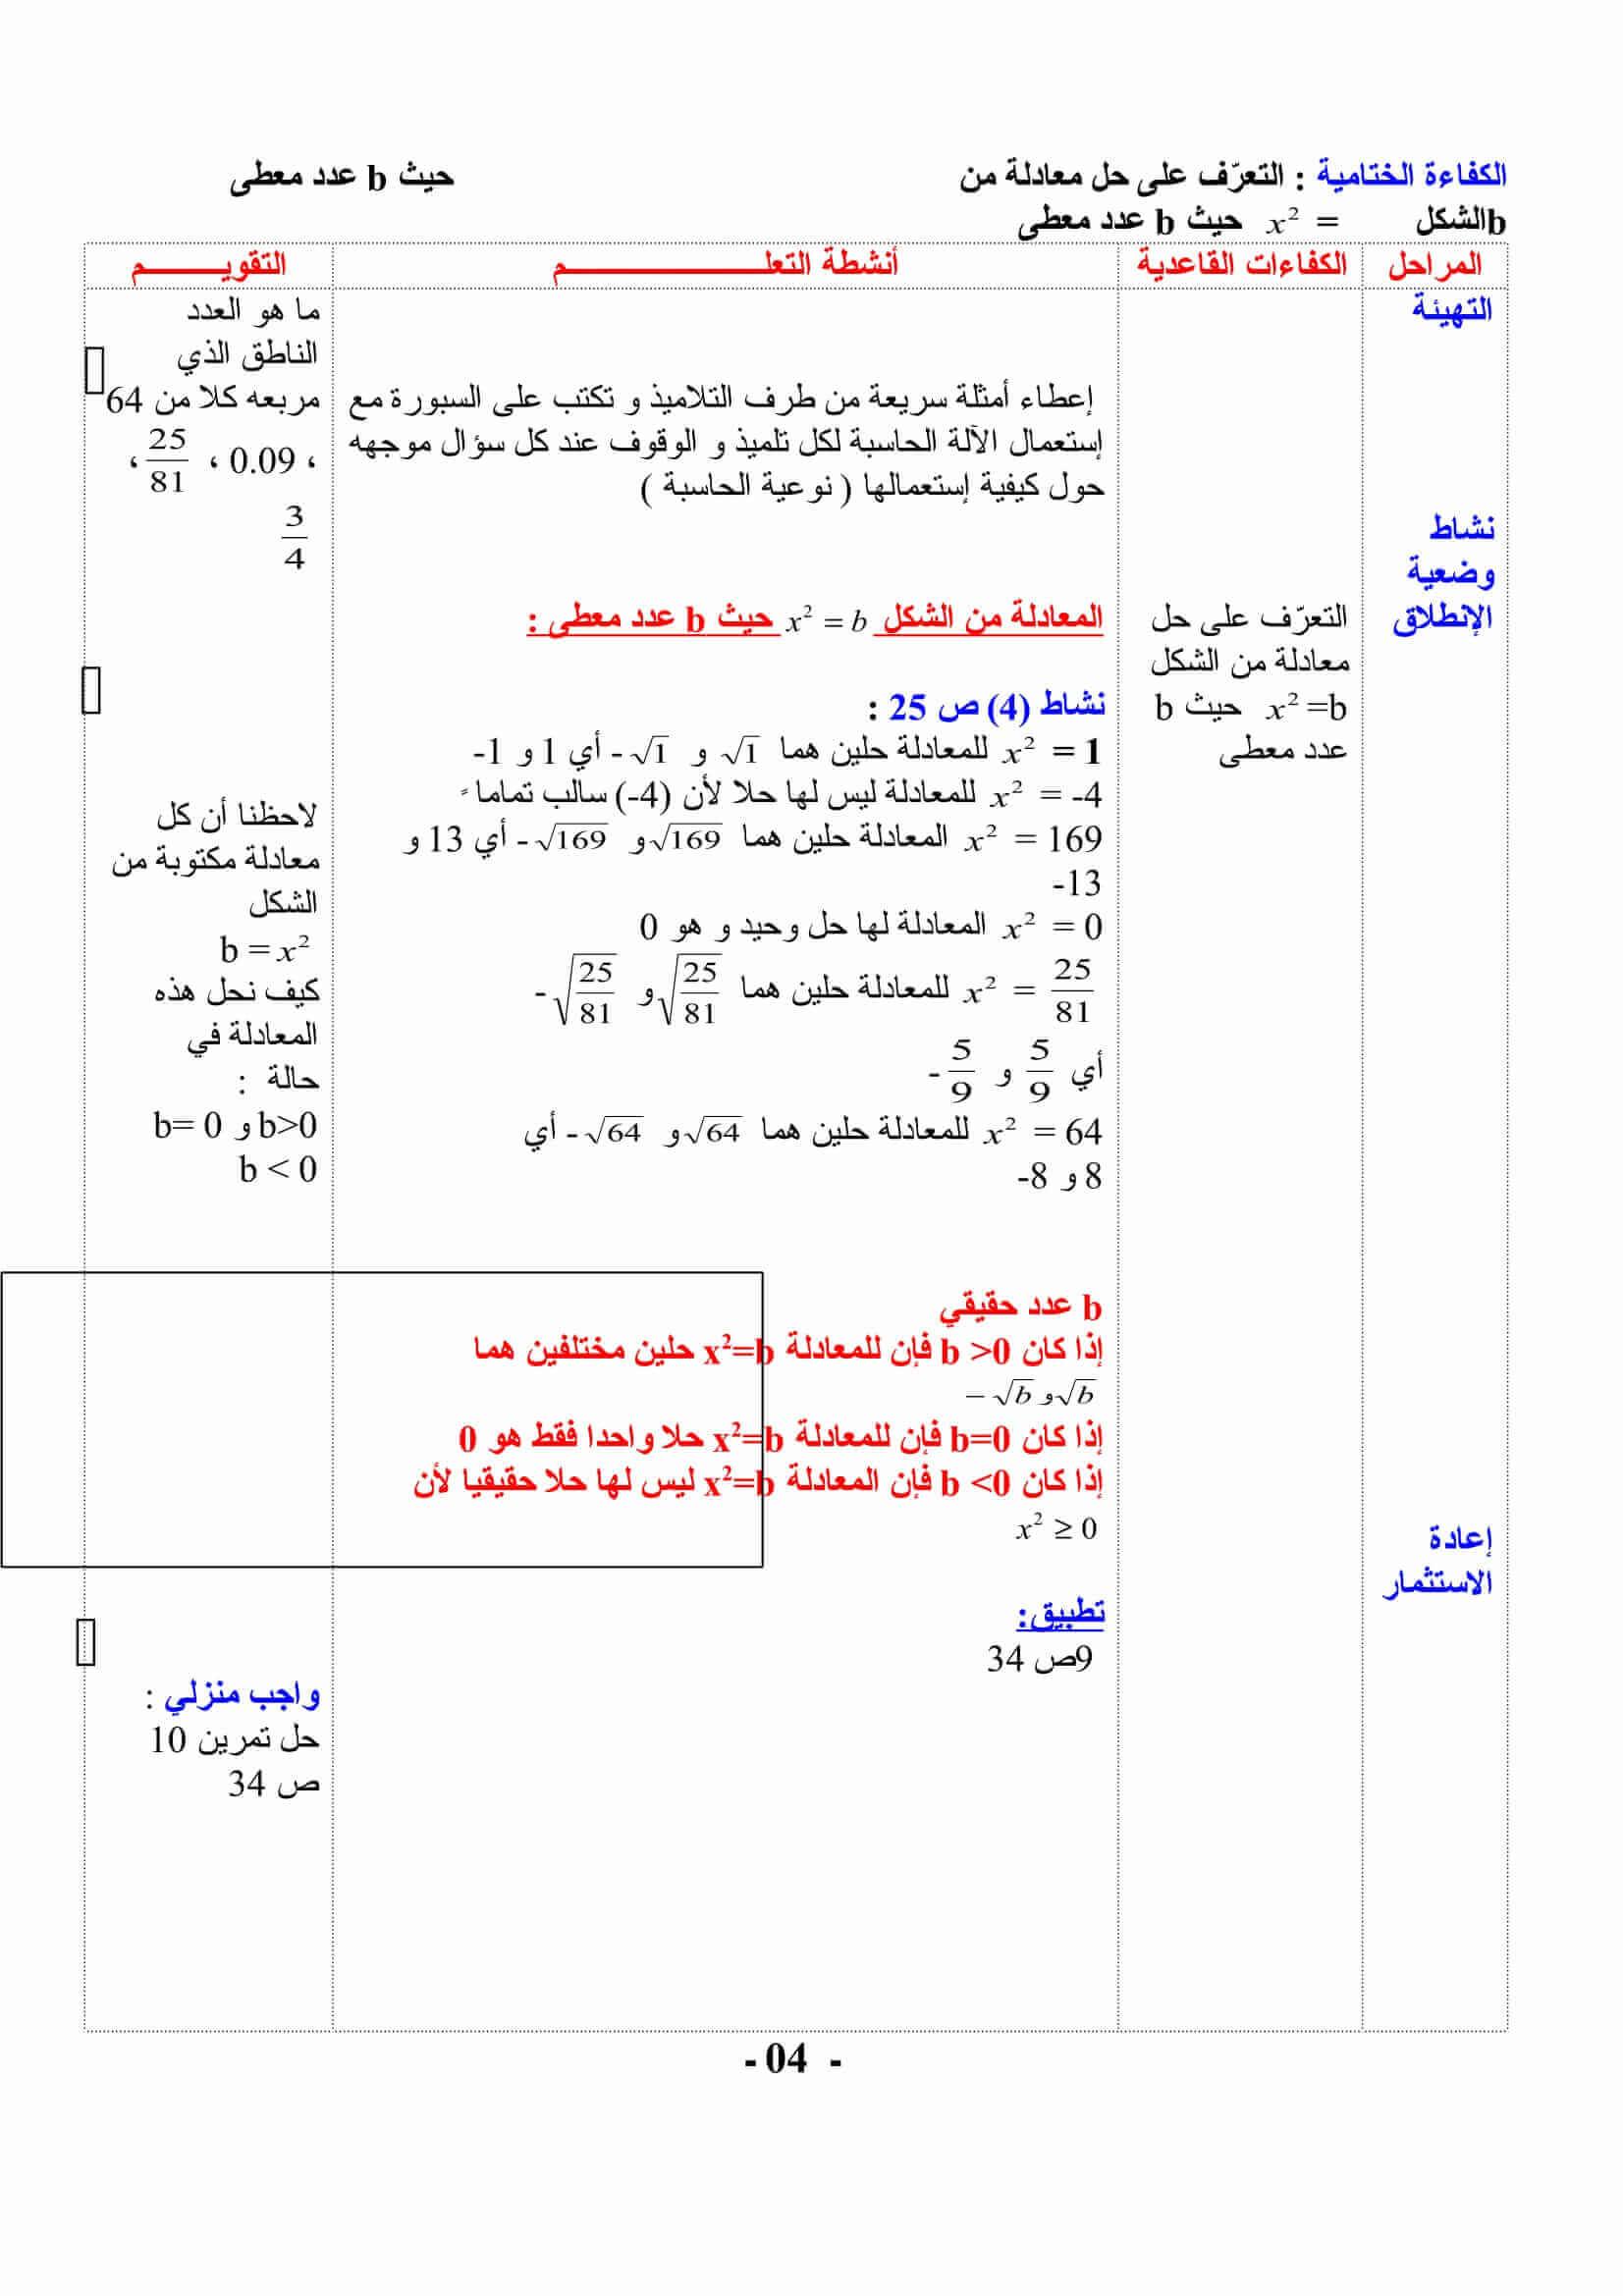 حل تمارين الرياضيات للسنة الرابعة متوسط ص 25 9-2